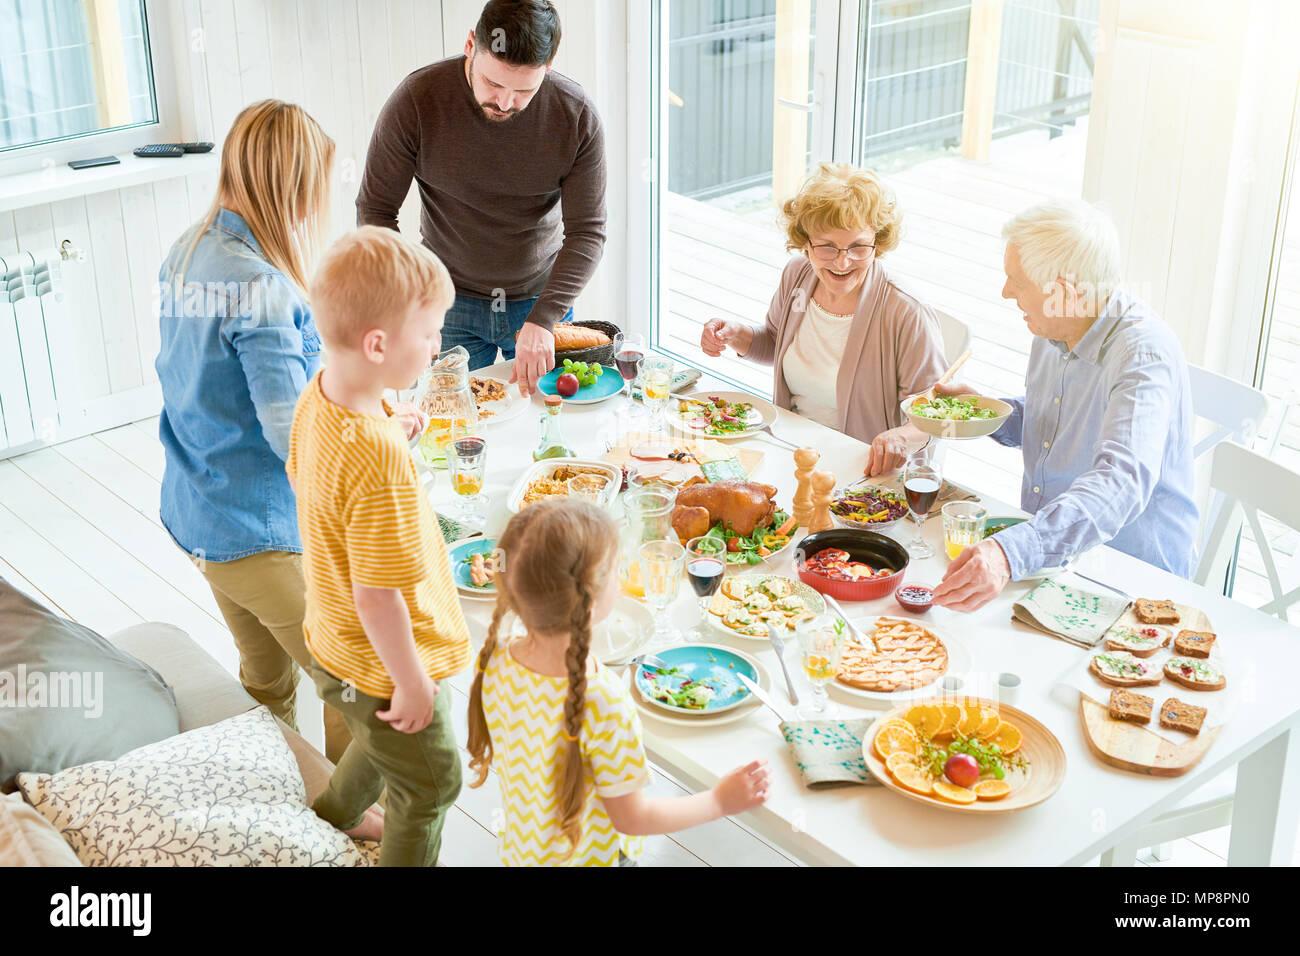 Festliche Abendessen mit der Familie im Sonnenlicht Stockbild